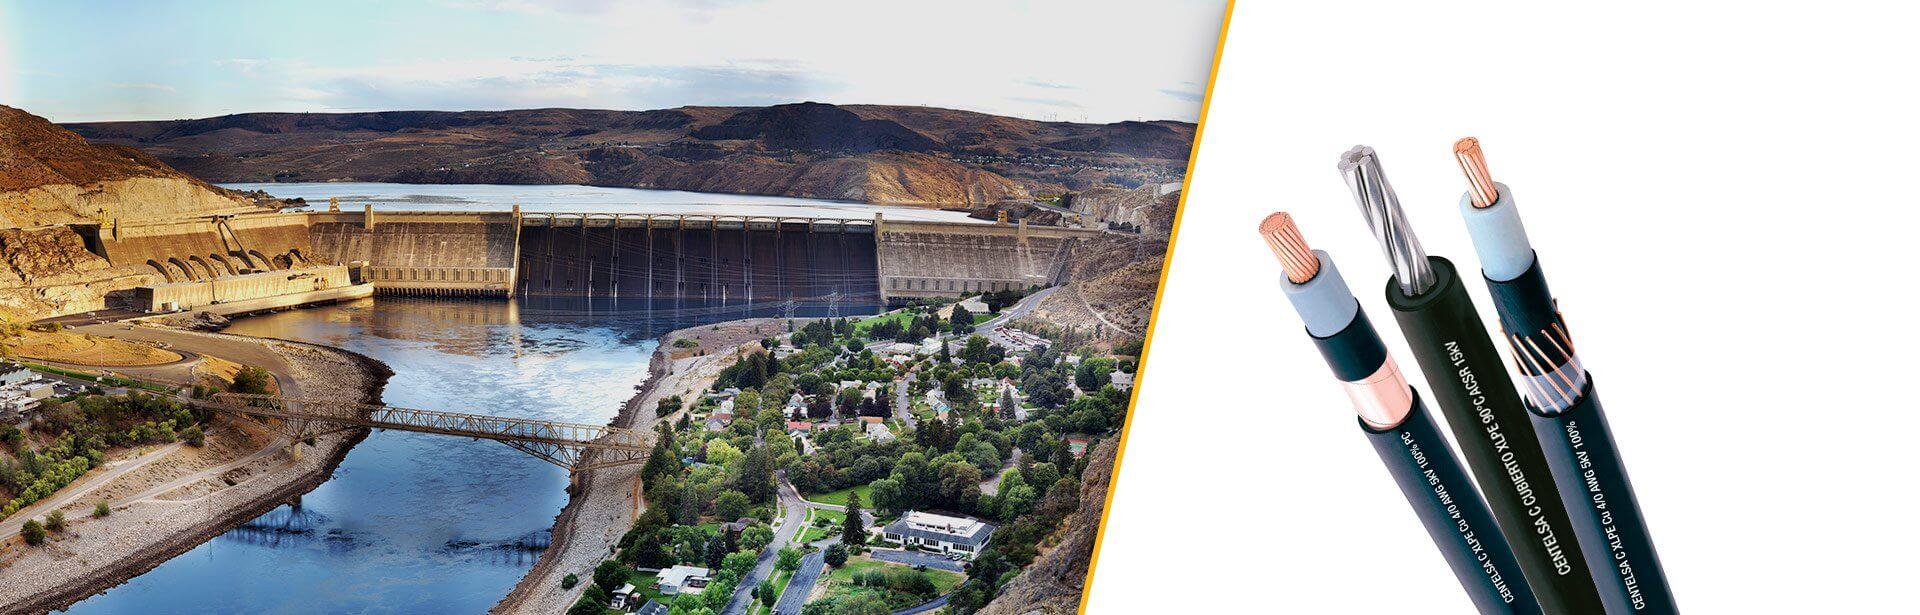 Centelsa - Cables para media y alta tensión - Colombia, perú, ecuador